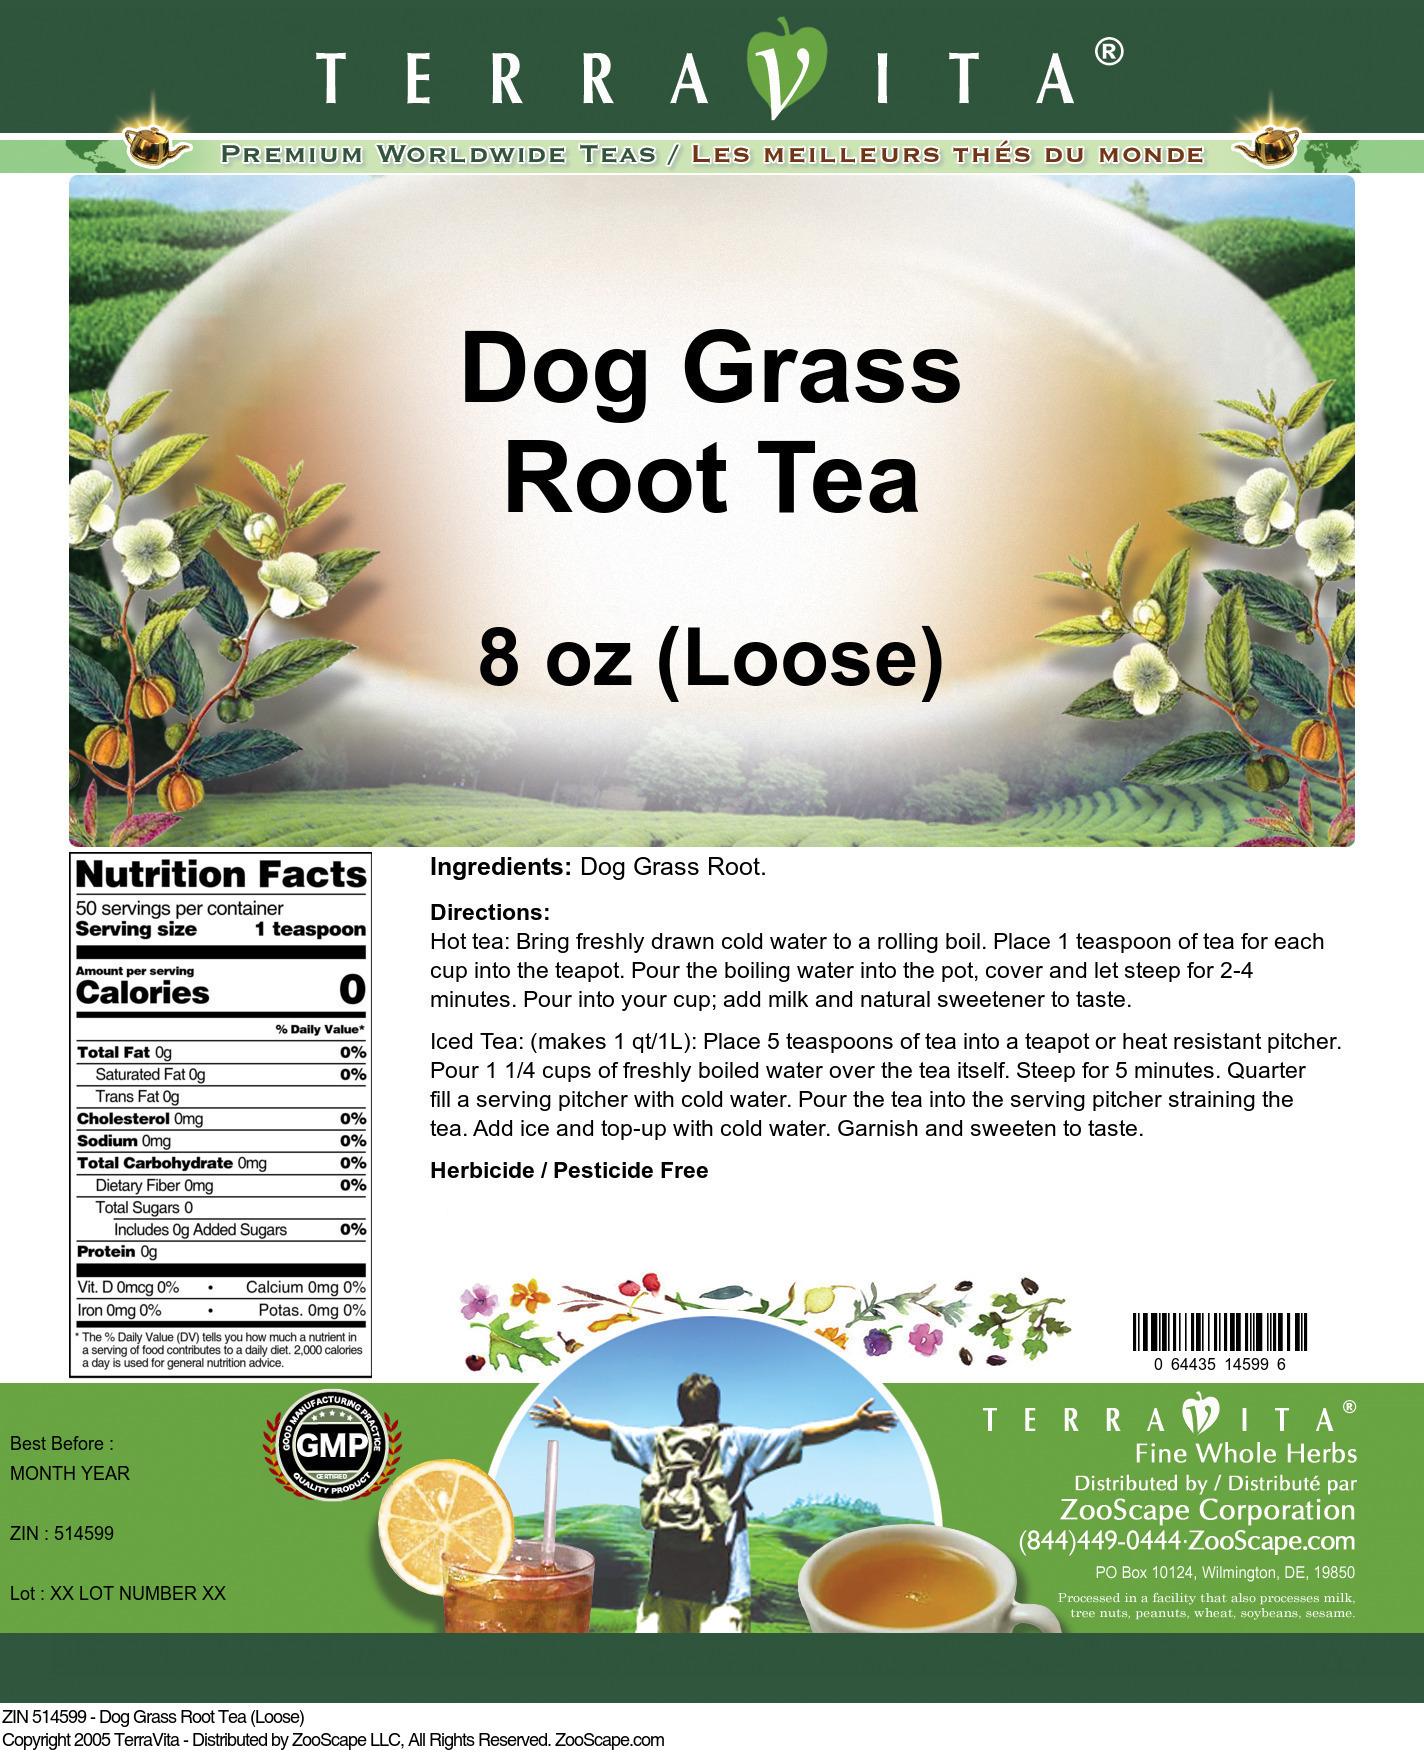 Dog Grass Root Tea (Loose)